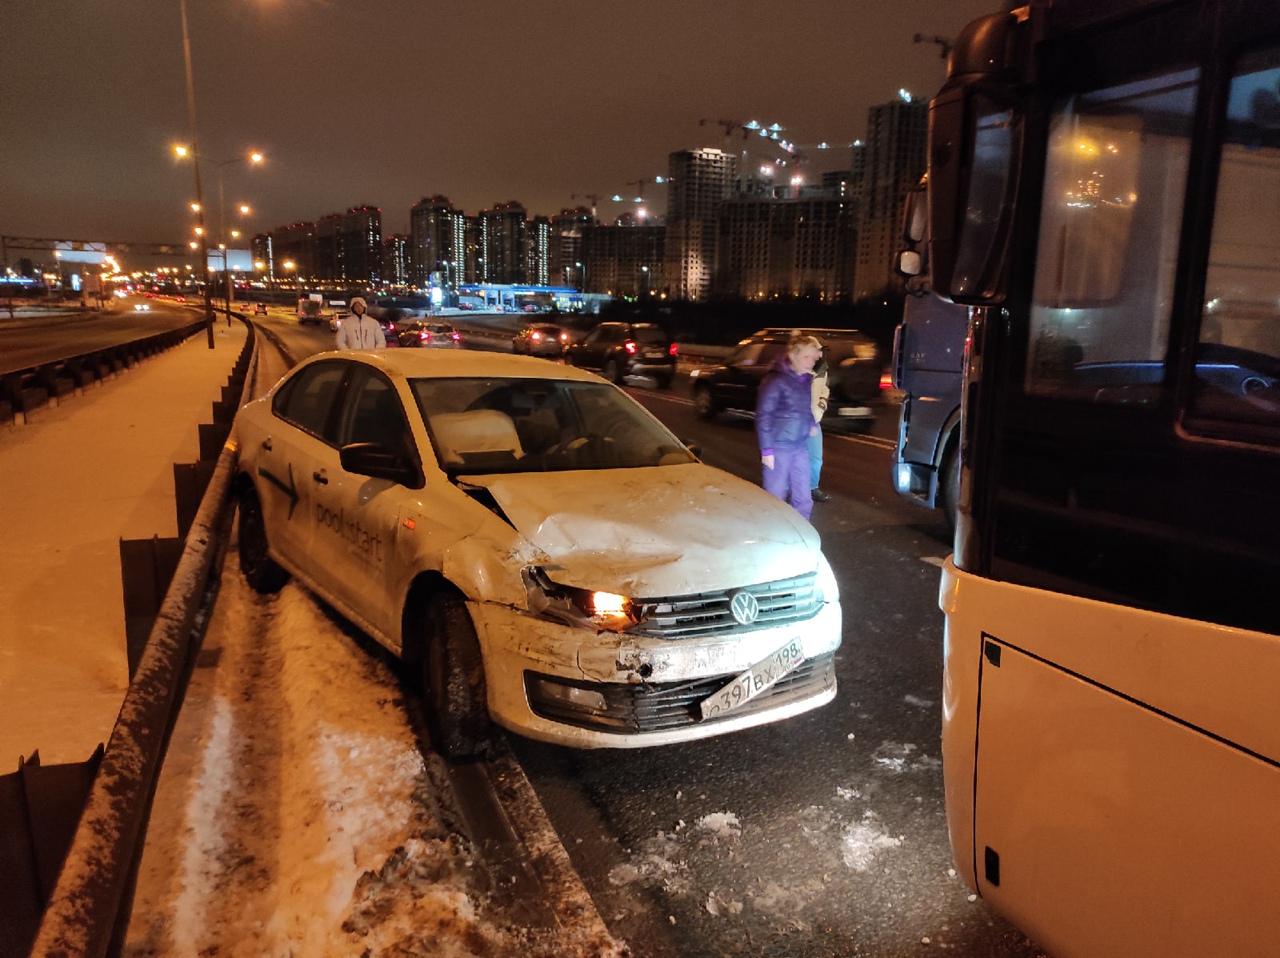 Экскурсионный автобус и кашеринг от Юдрайва столкнулись на проспекте Энгельса, на въезде в город.